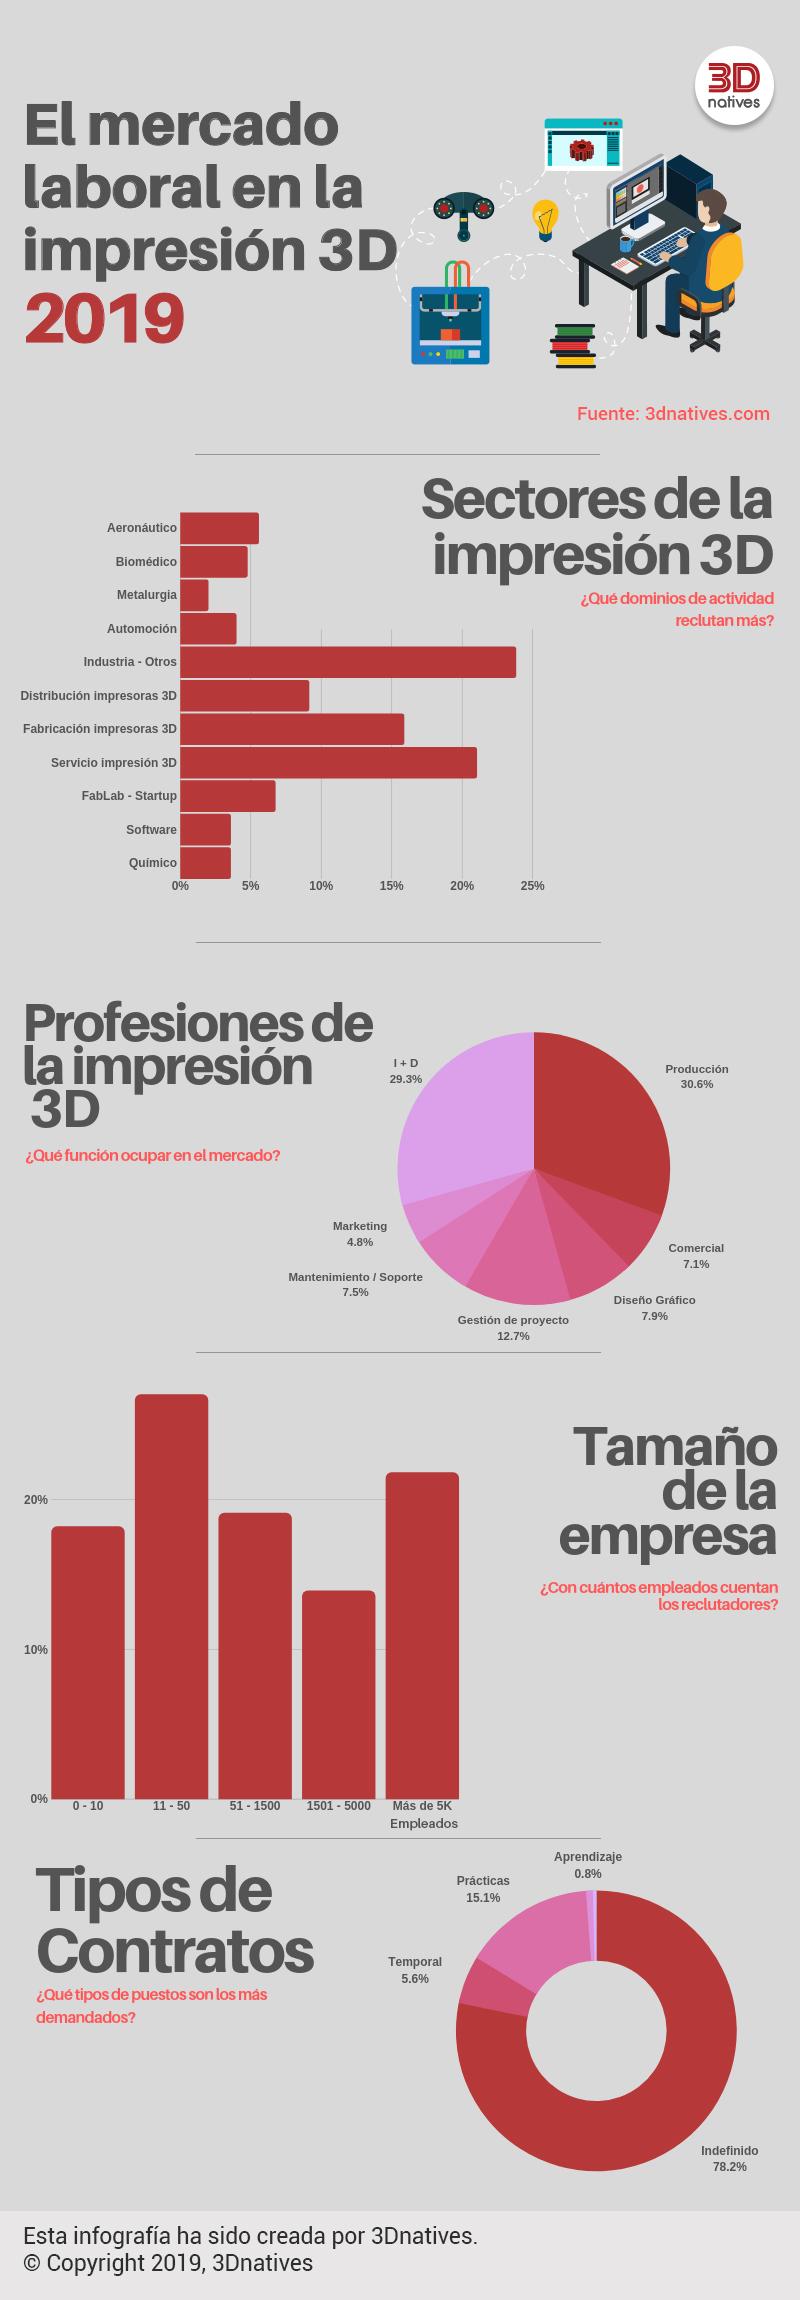 Mercado Laboral de la impresión 3D